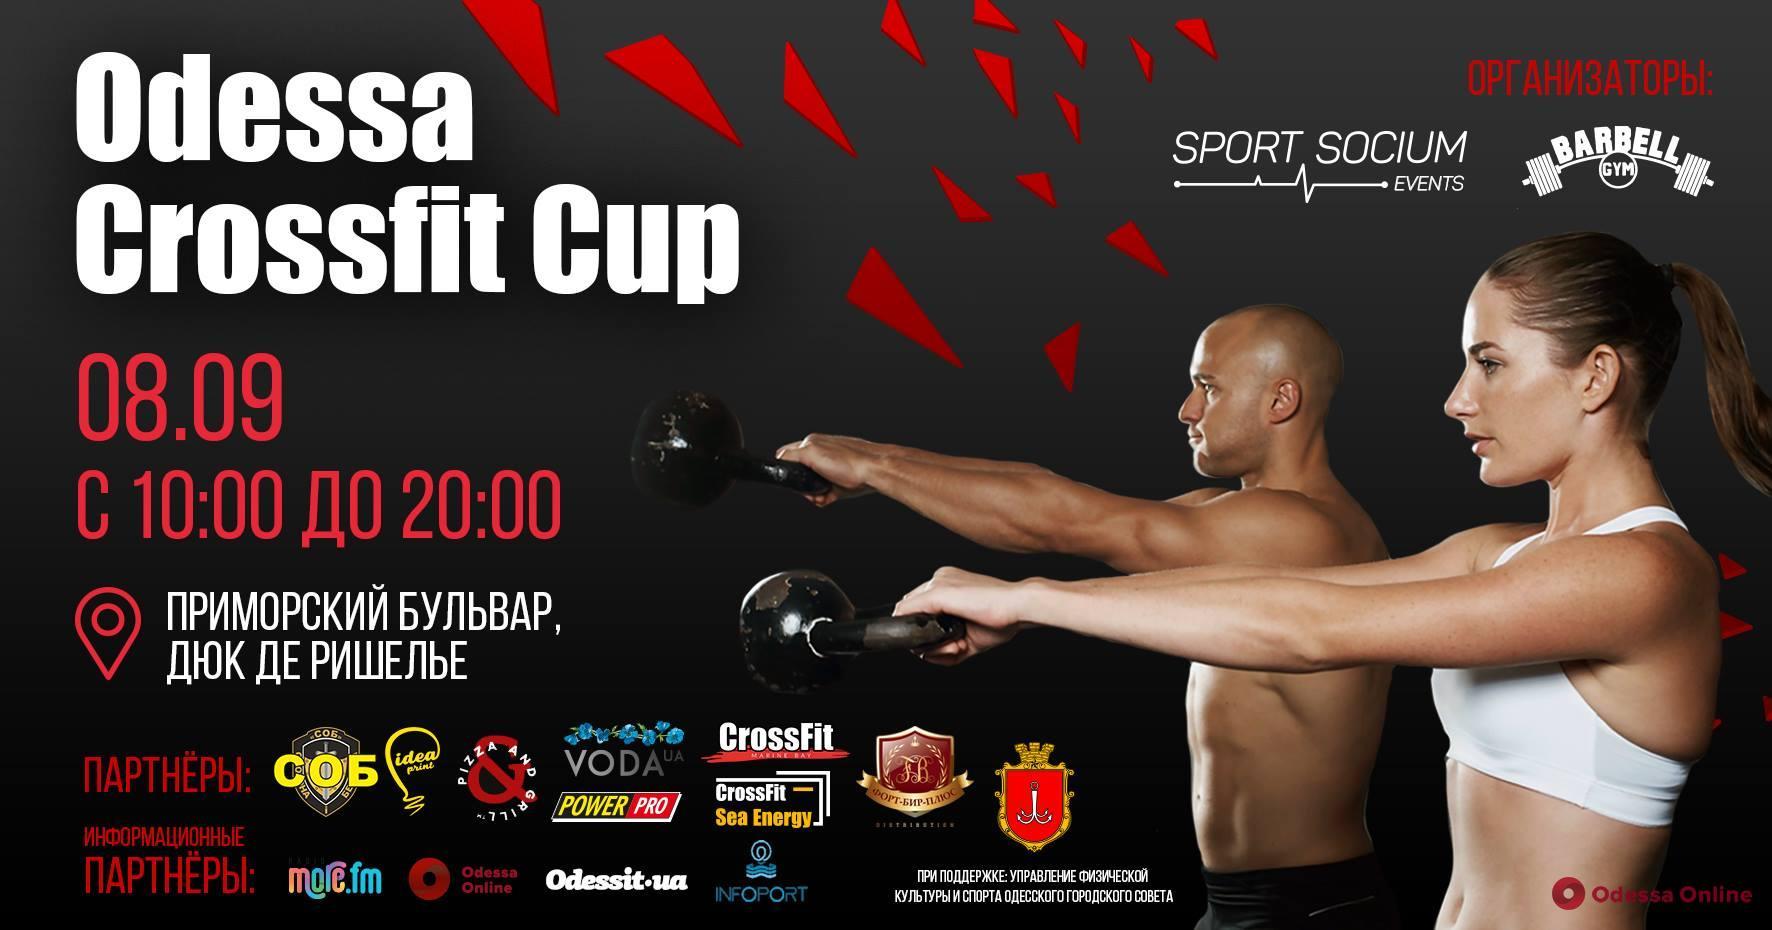 В Одессе пройдет международный турнир про кроссфиту с призовым фондом более 260 000 гривен